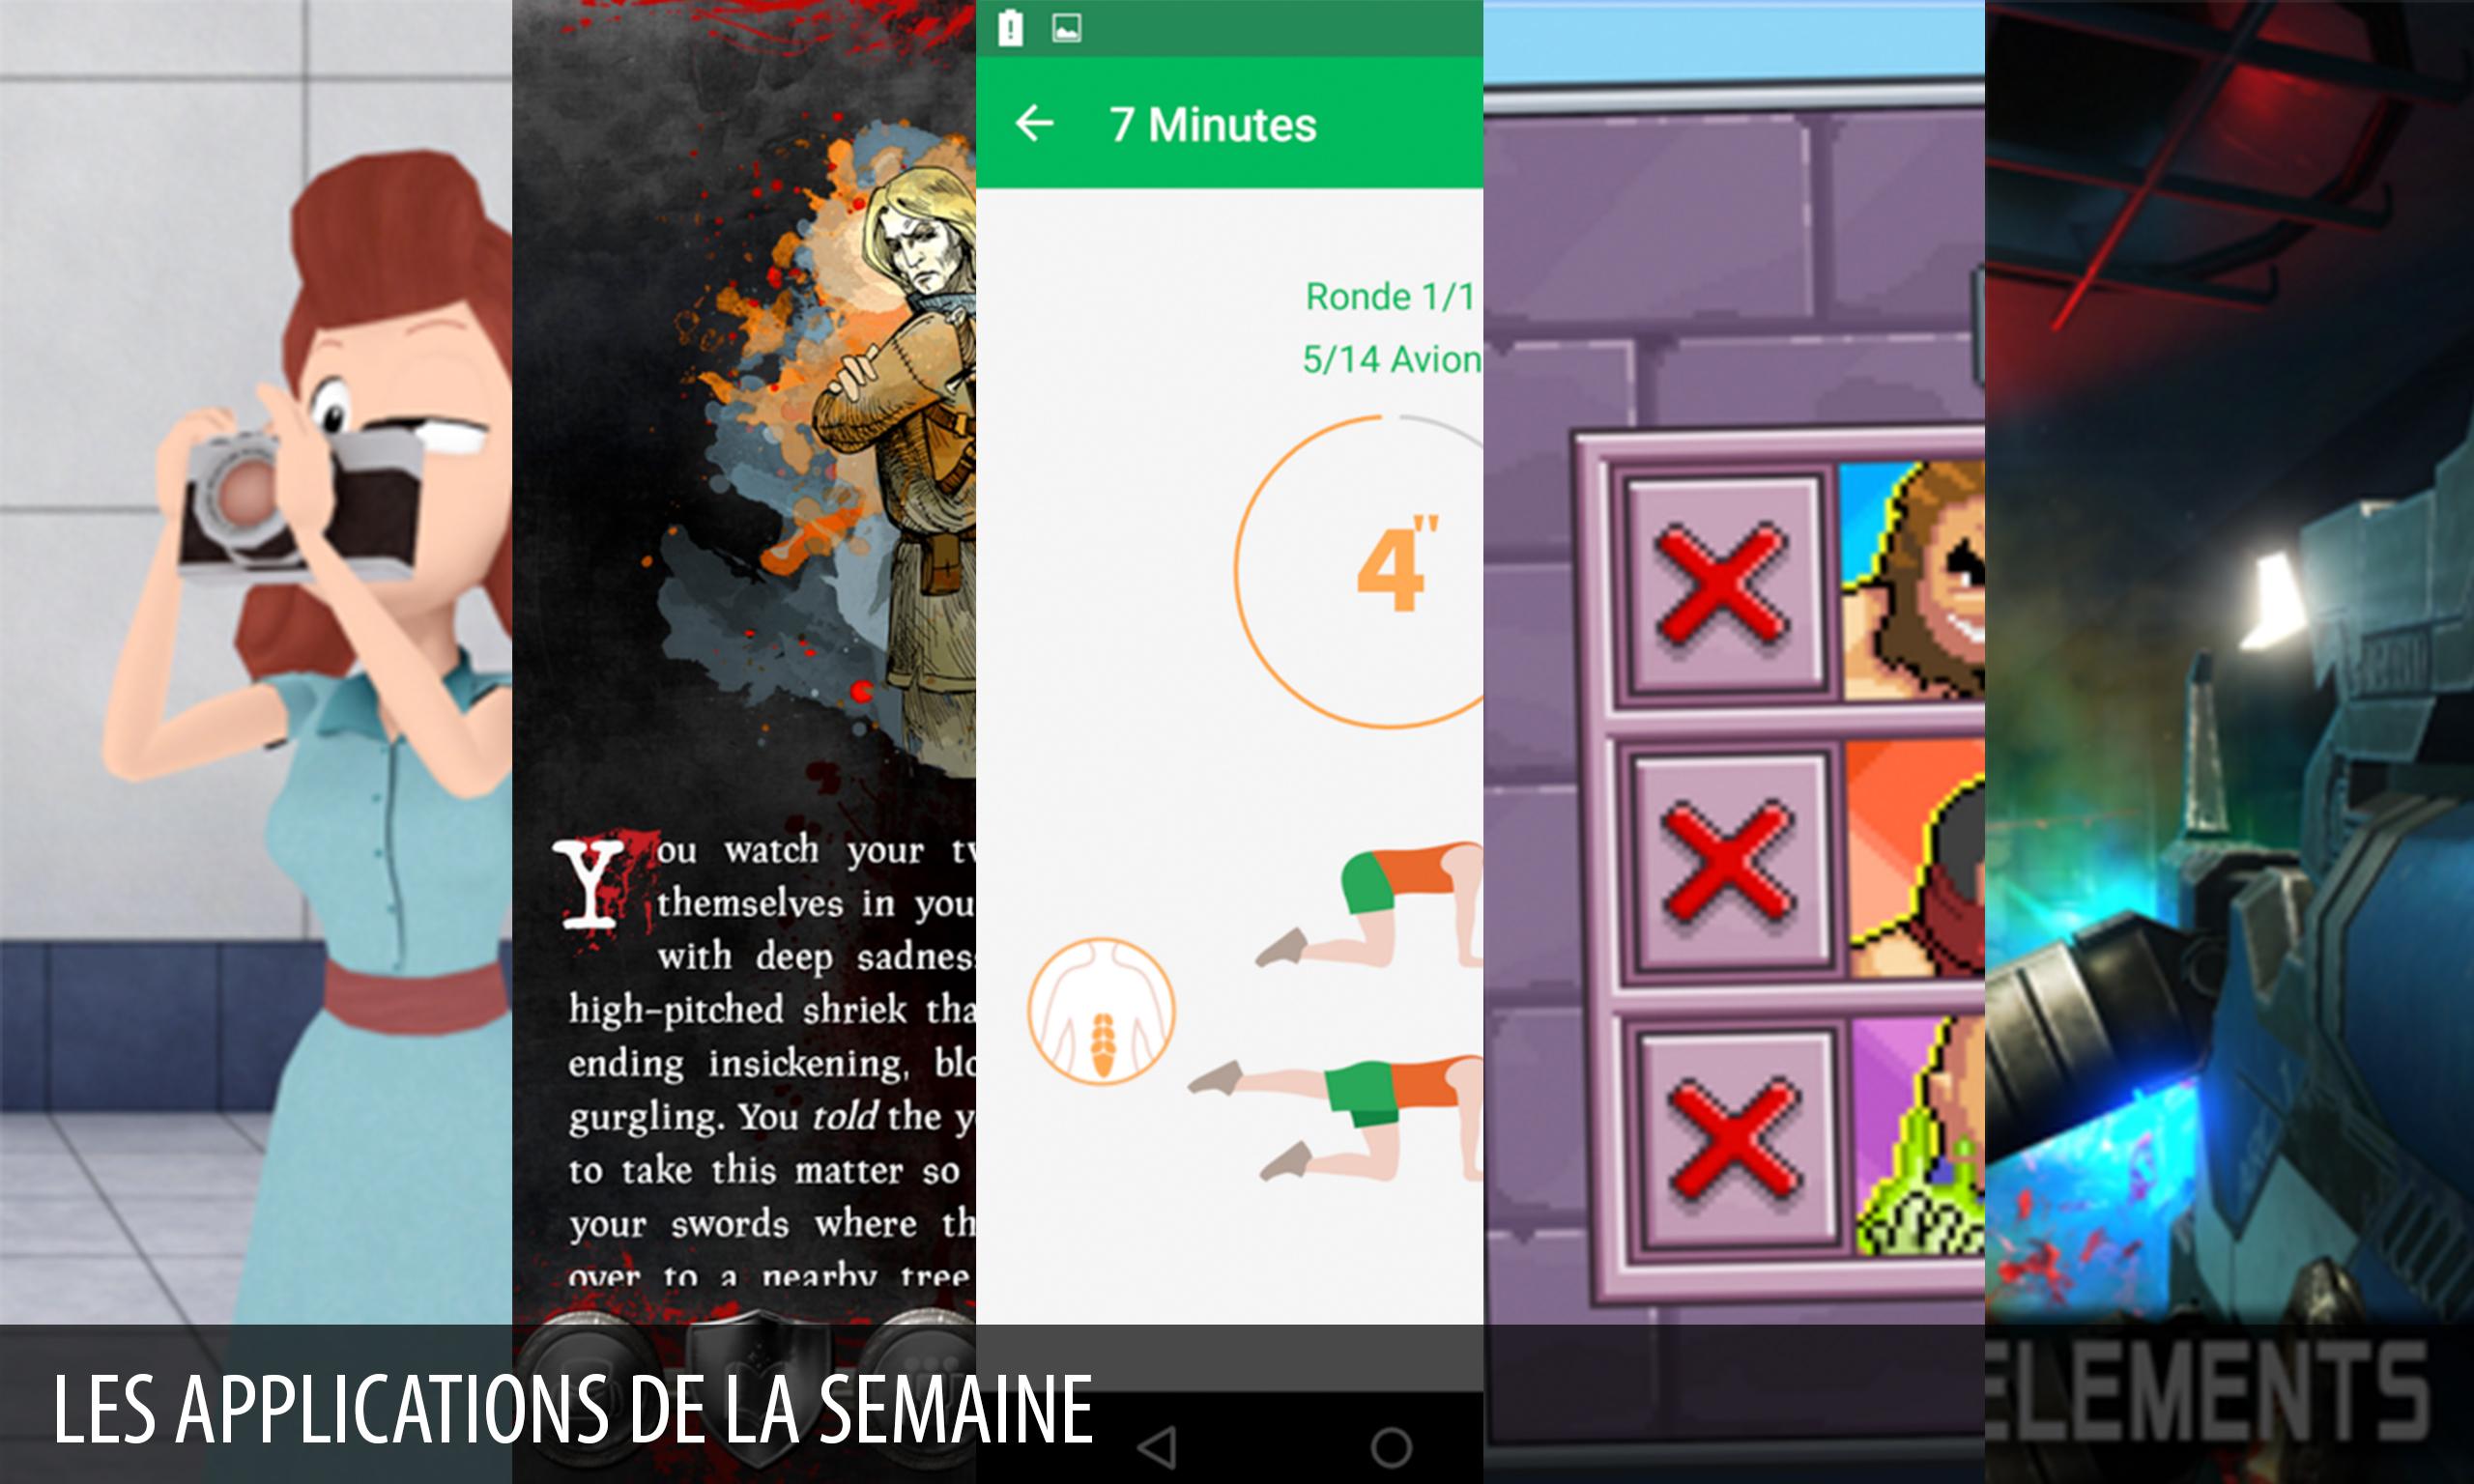 Les apps de la semaine : Dead Effect 2, Devious Dungeon 2…